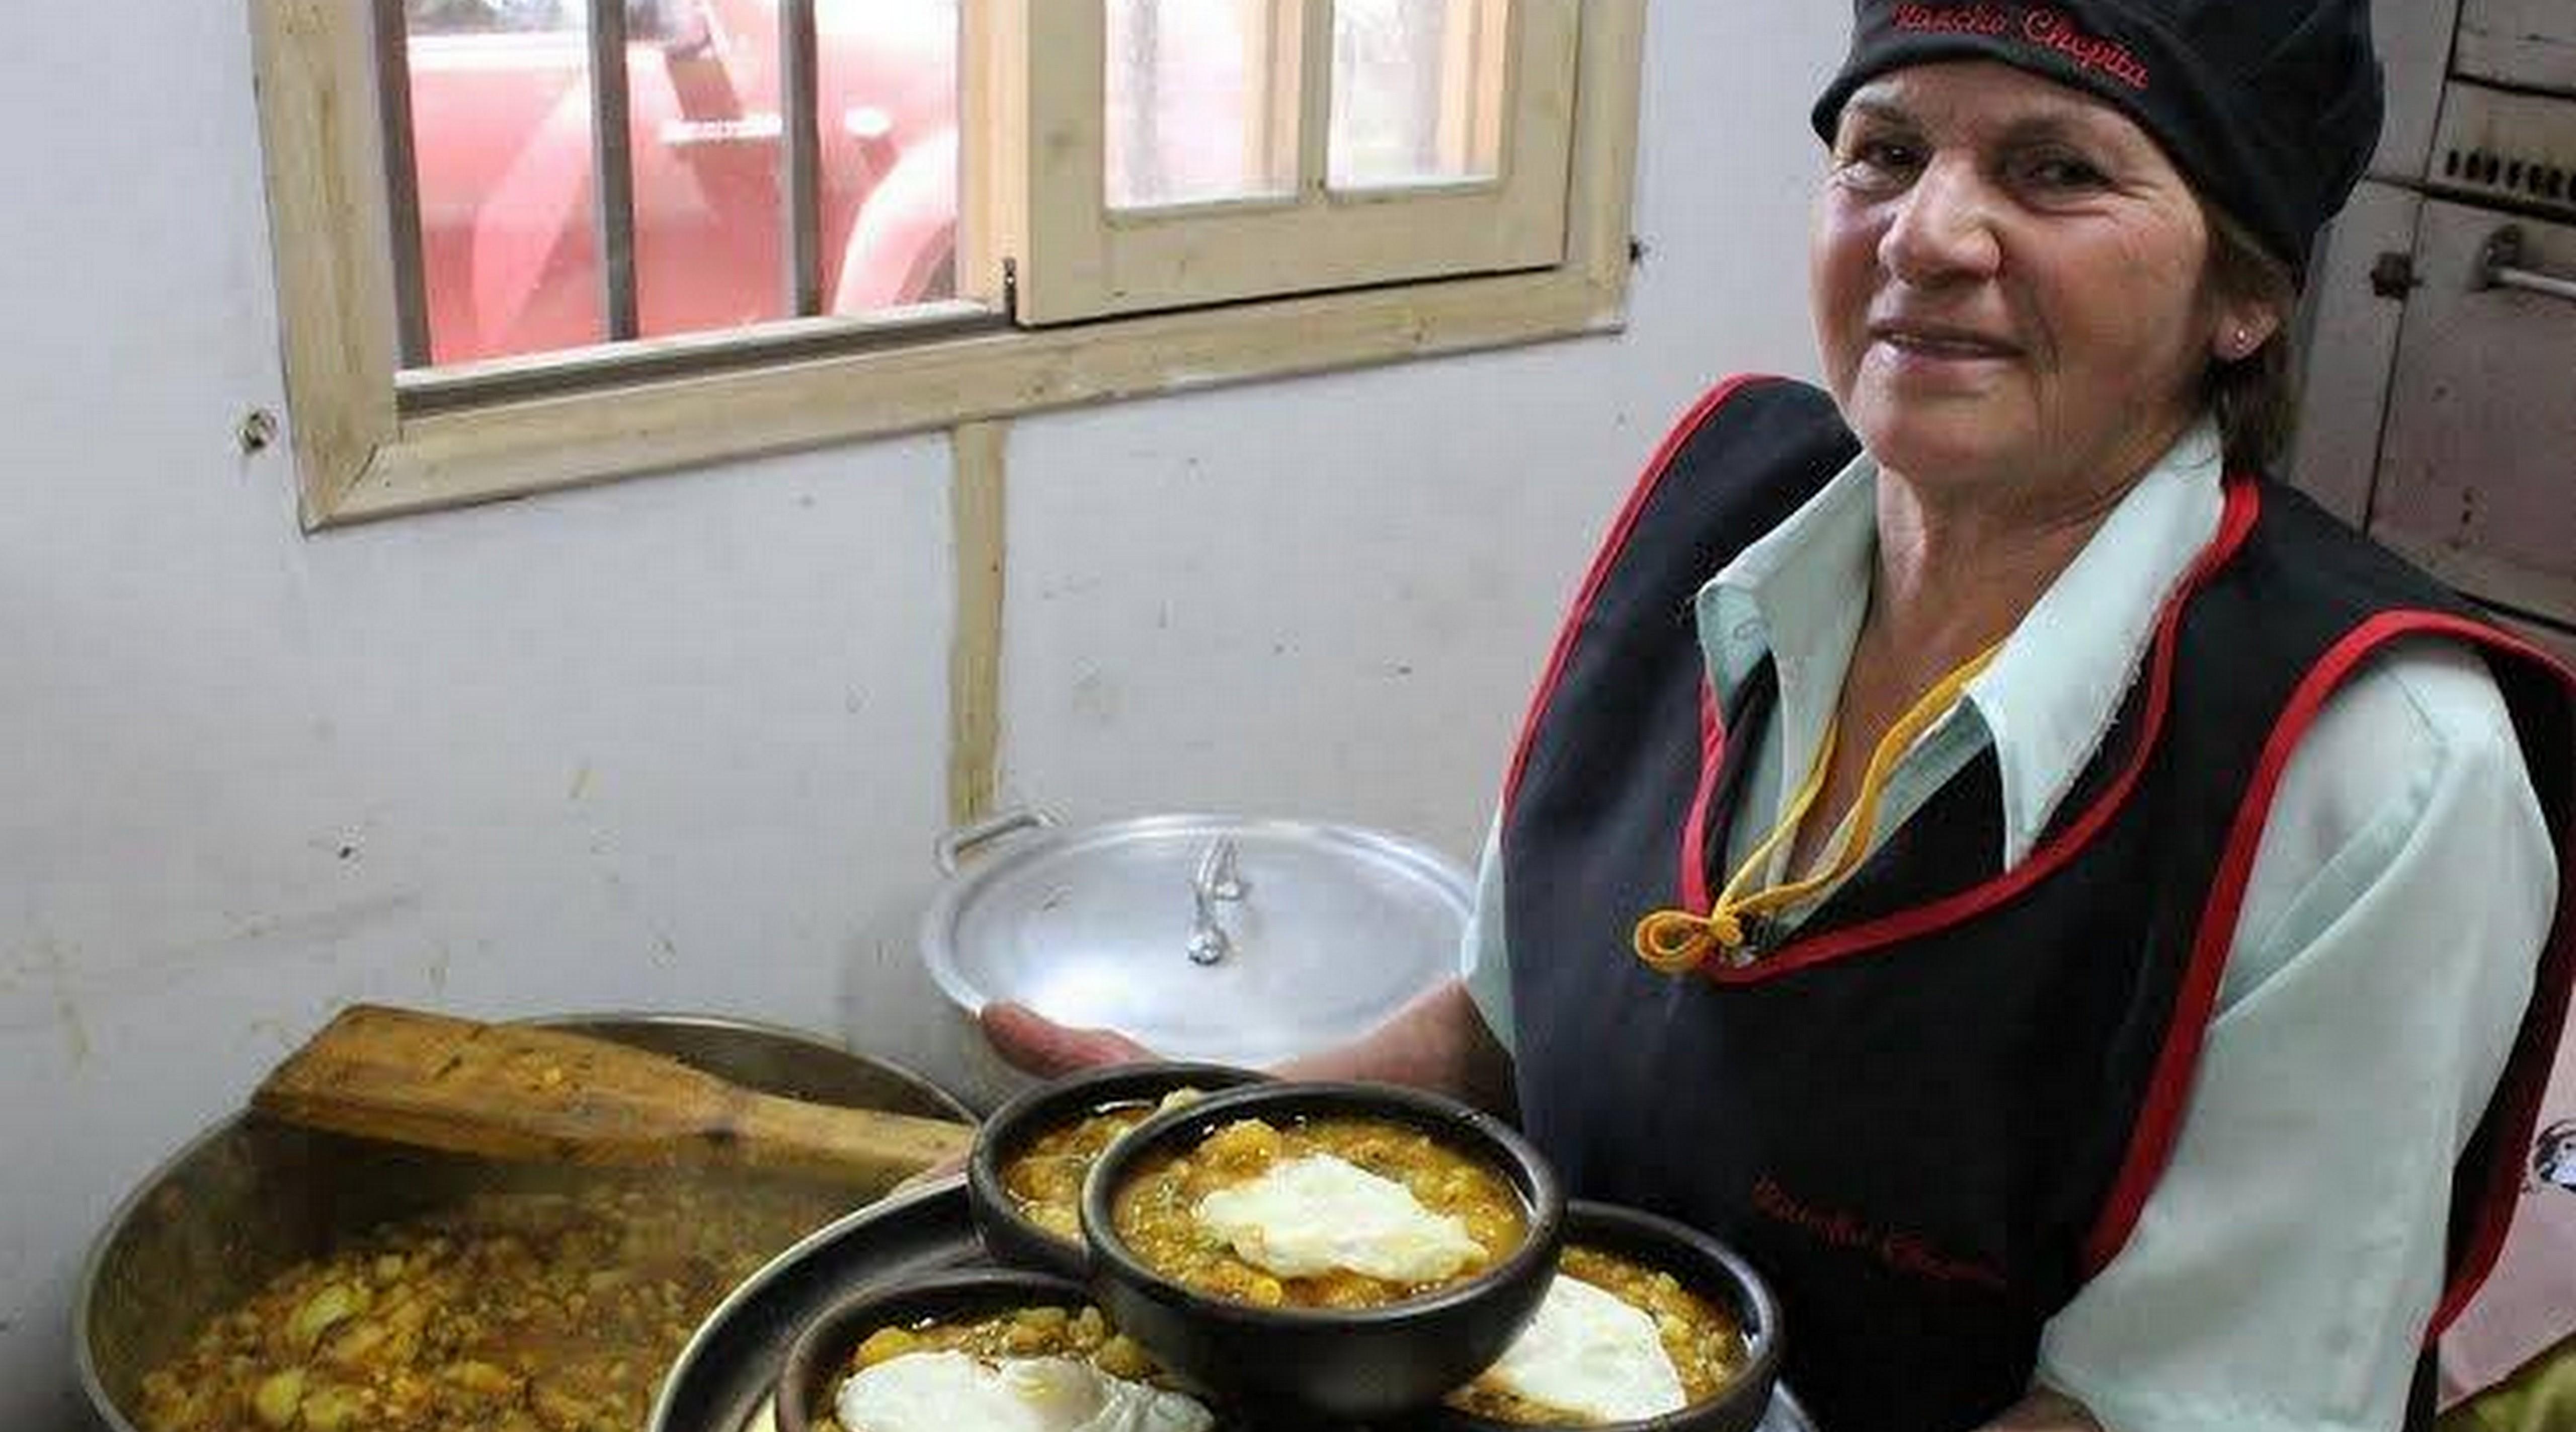 Llega la quinta edición de la Fiesta del Charquicán de Chacayes